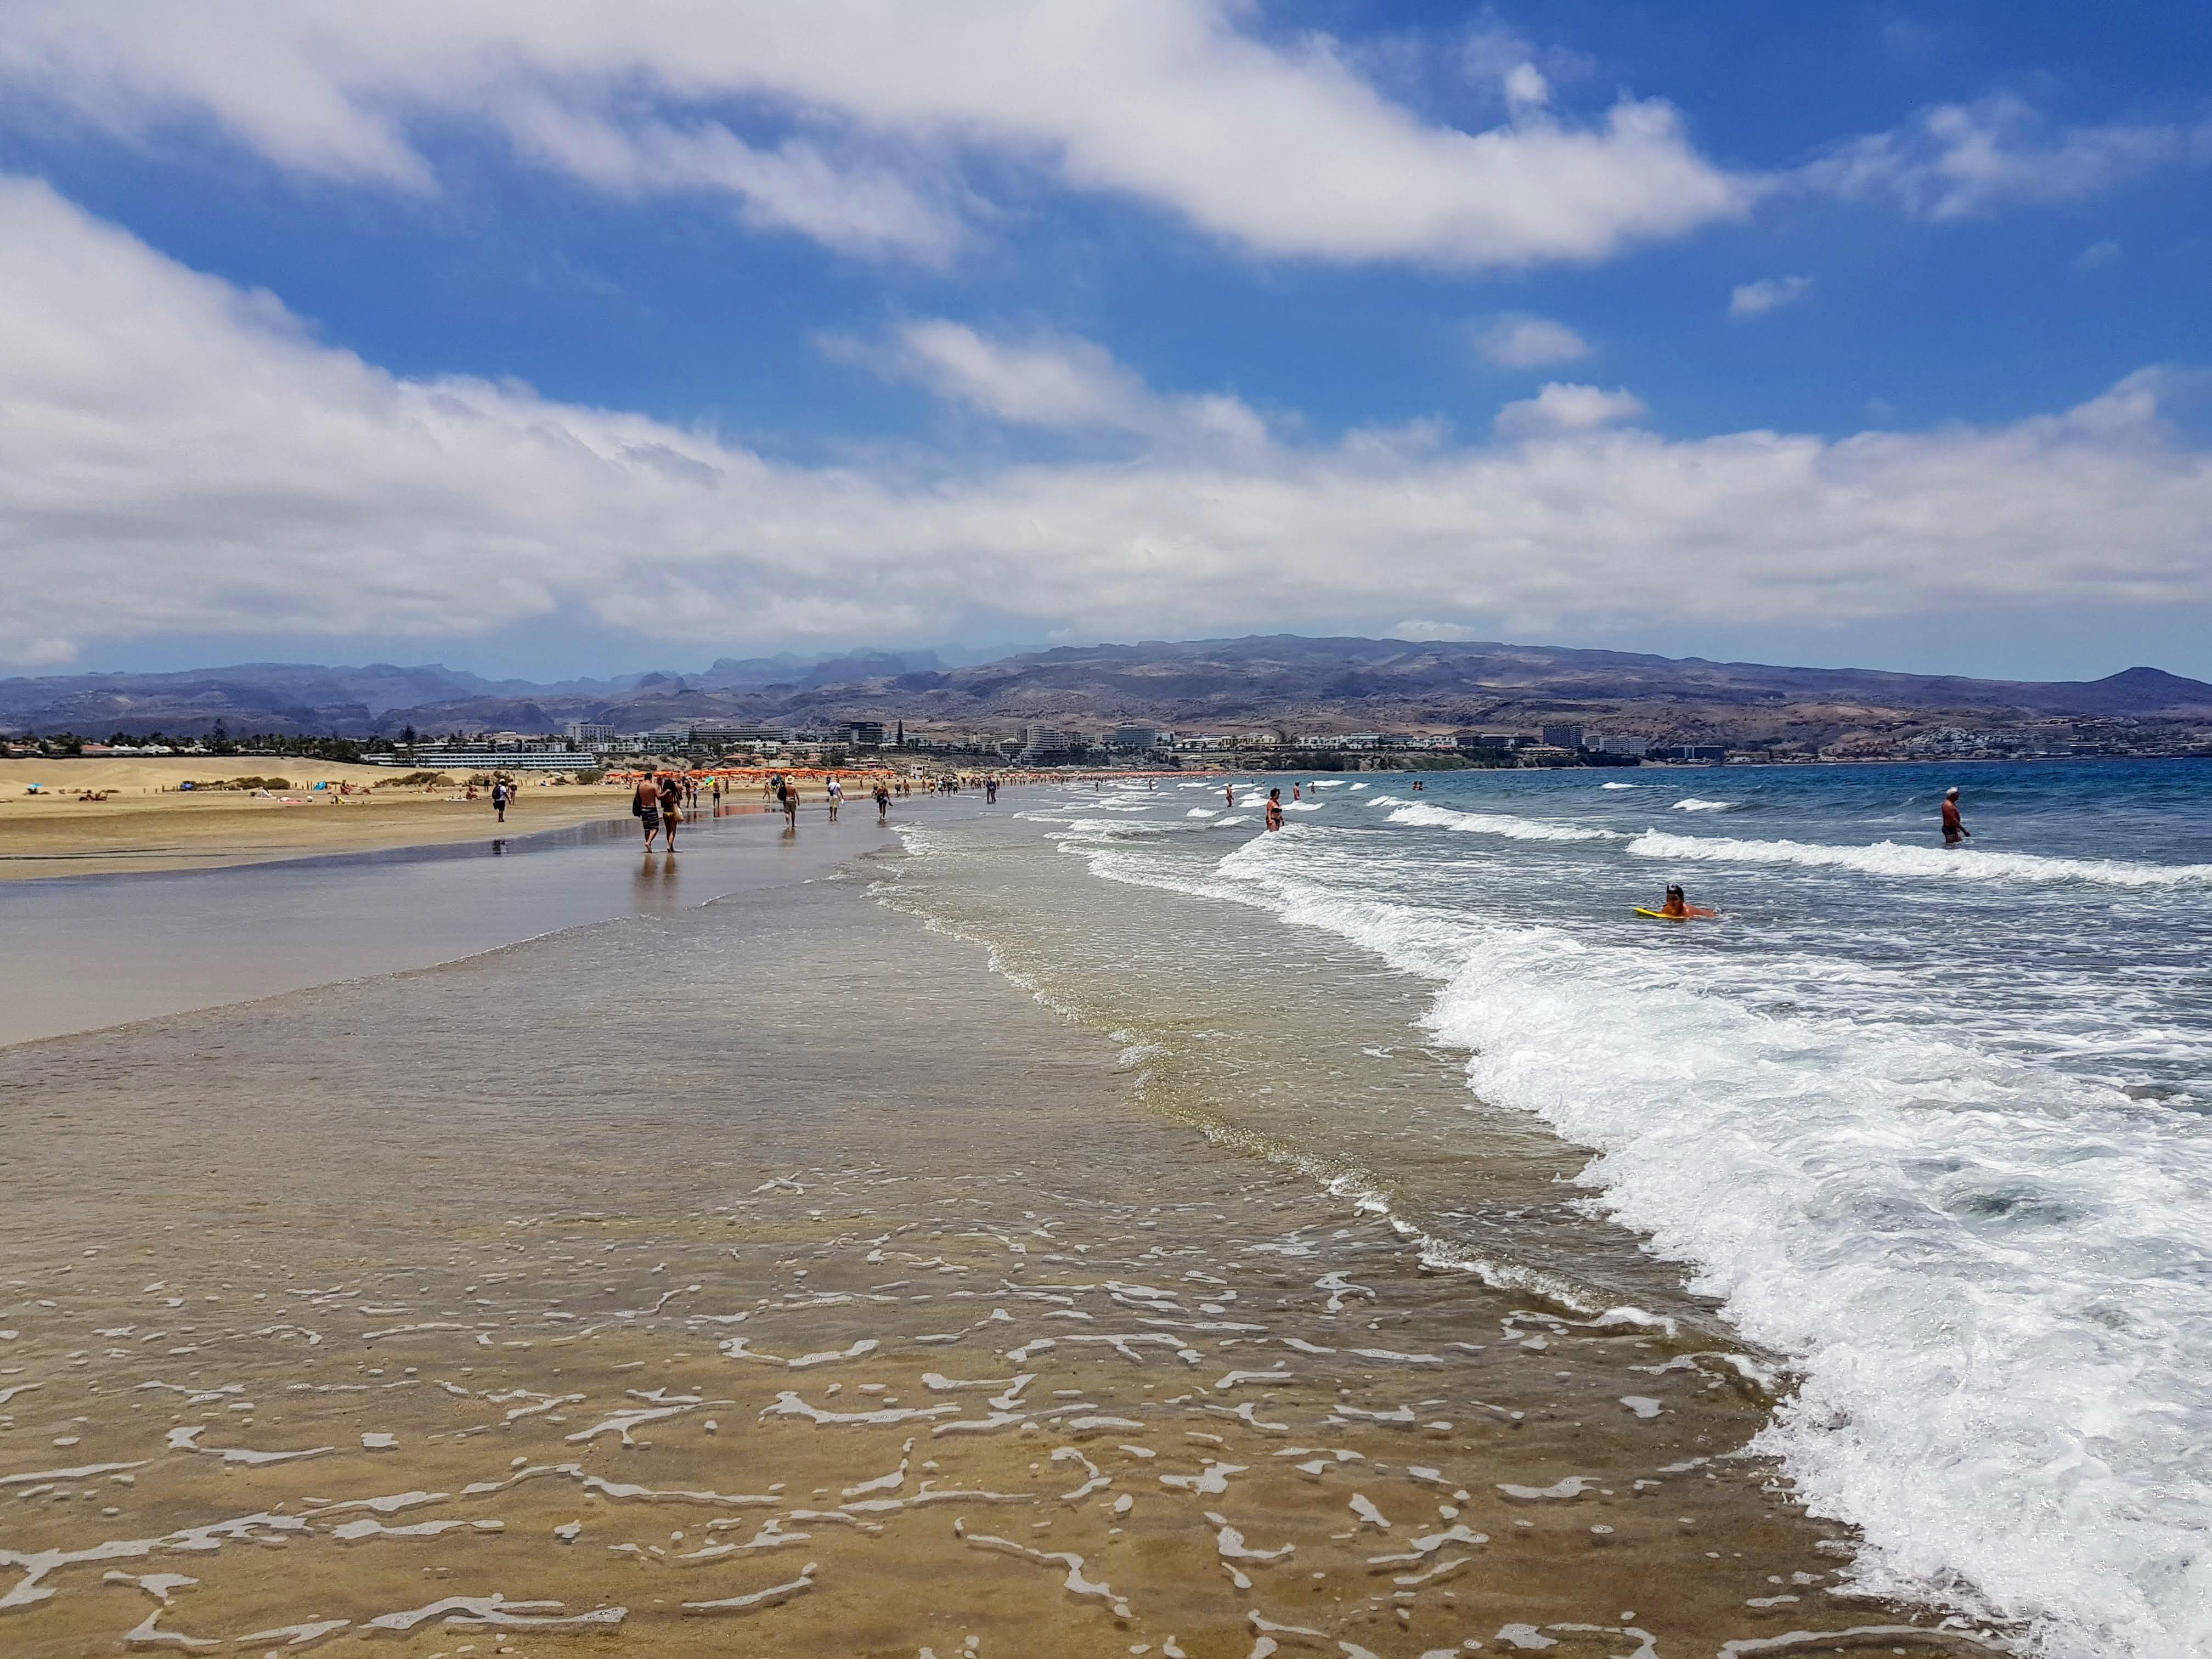 Gayreisen Playa del Ingles: Blick vom Strand auf die Berge